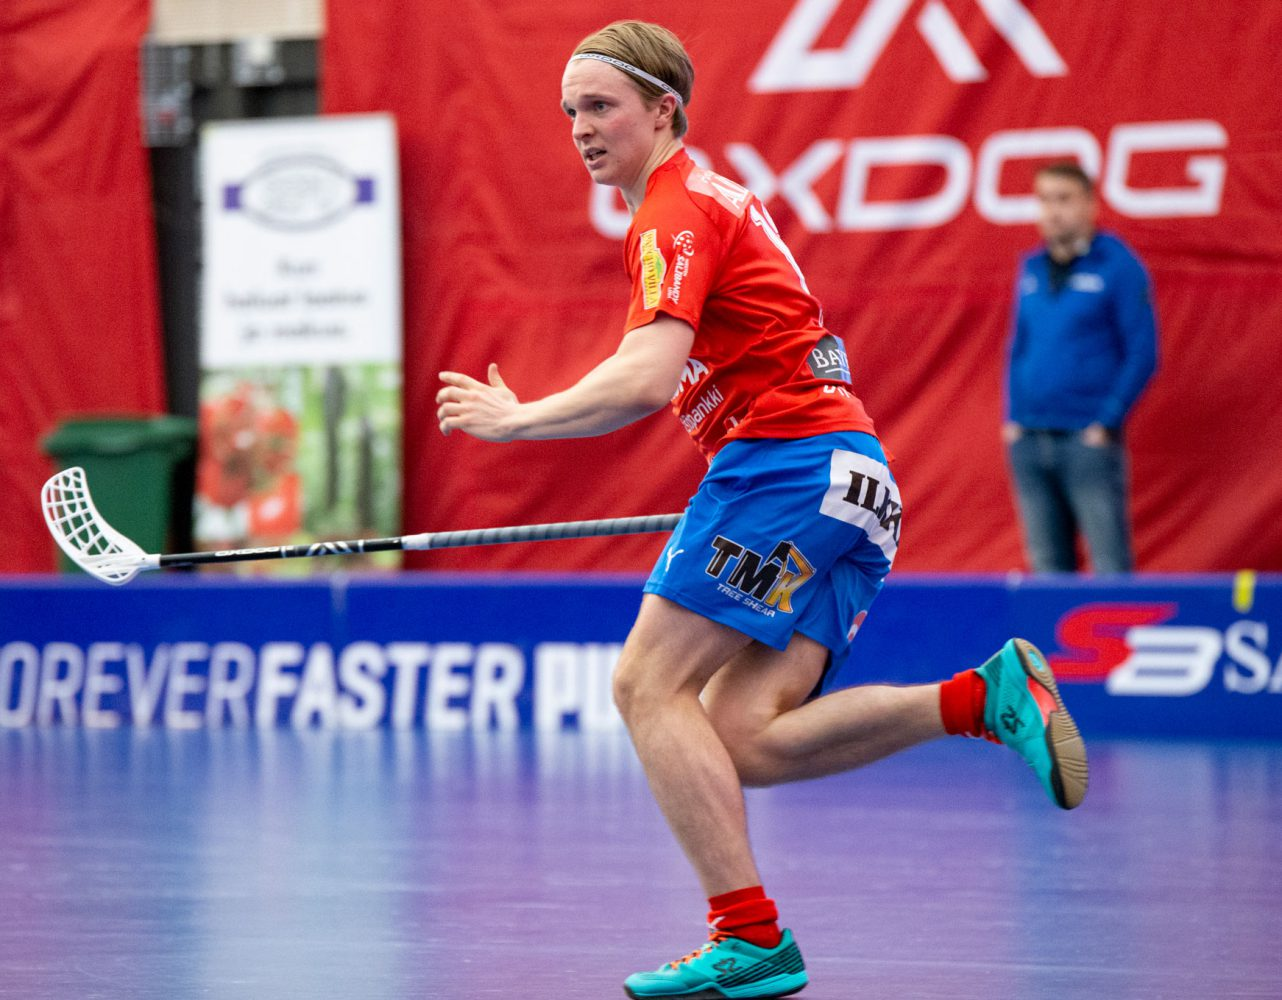 SPV:n Janne Autio pelasi vahvan ottelun ja palkittiin kotijoukkueen parhaana pelaajana.